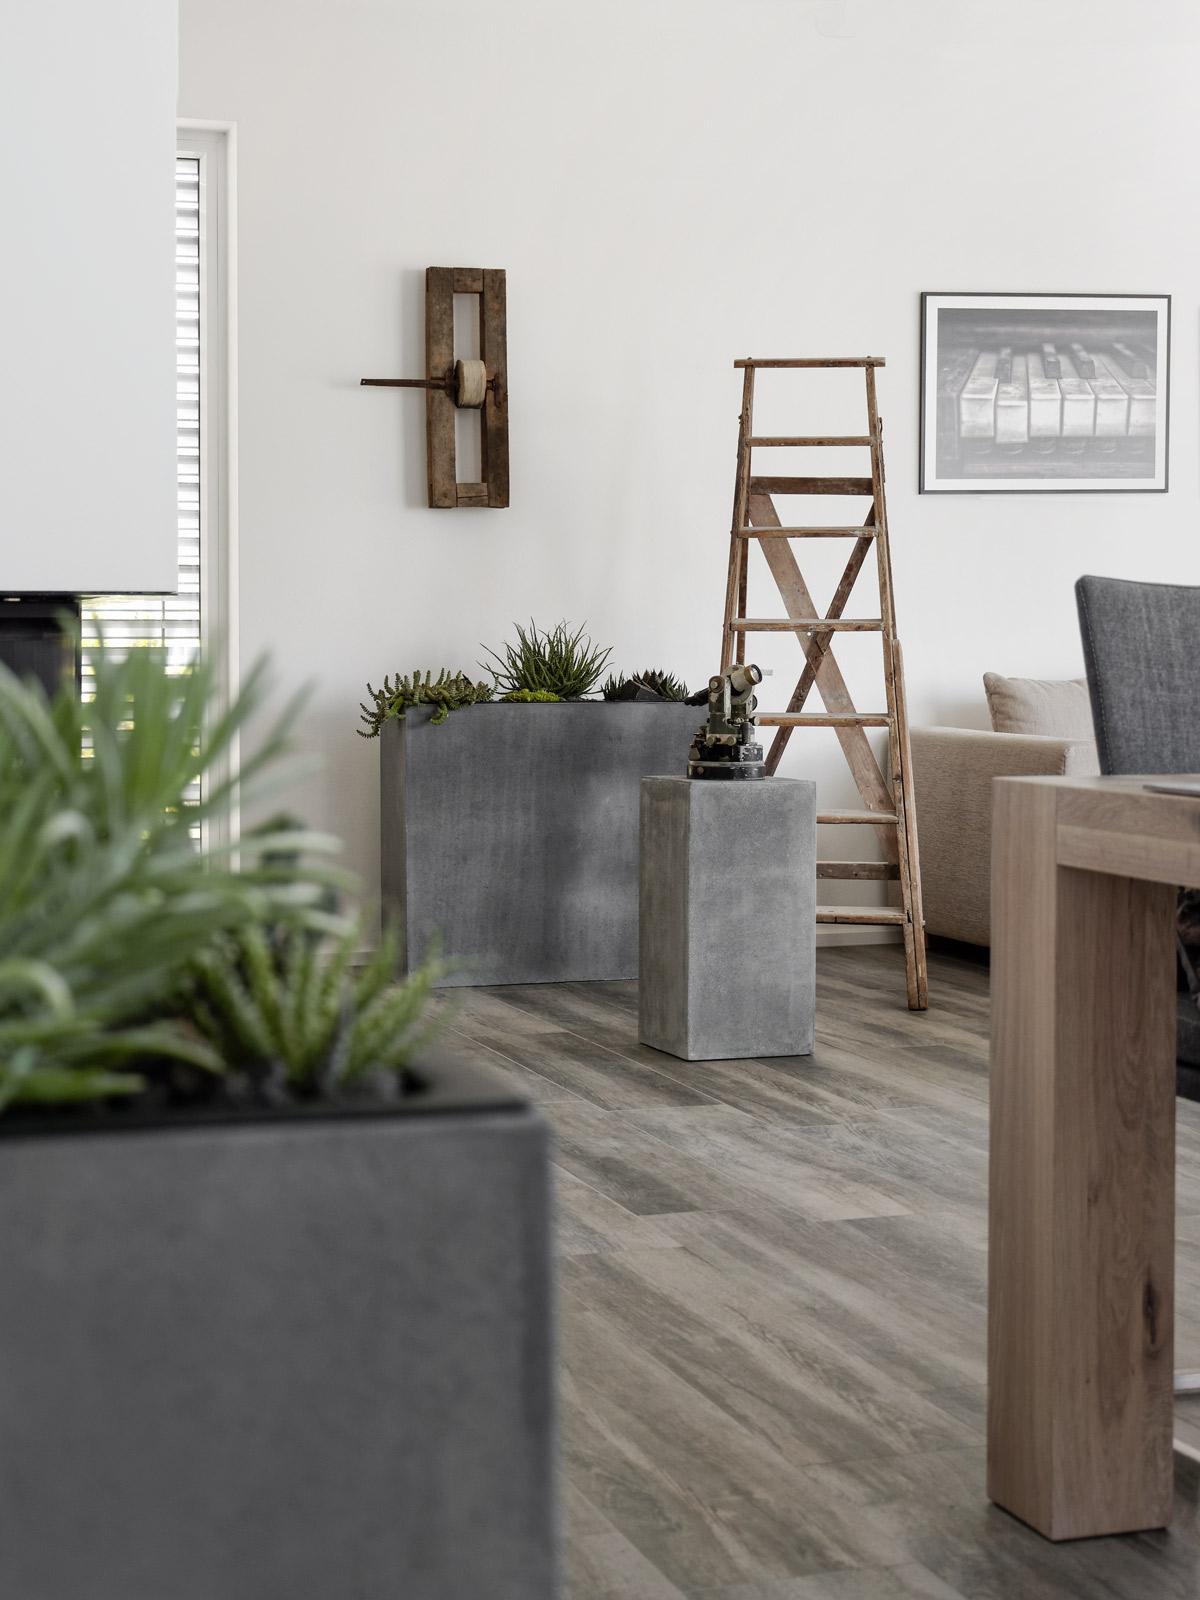 Podest-im-wohnzimmer-dekorieren